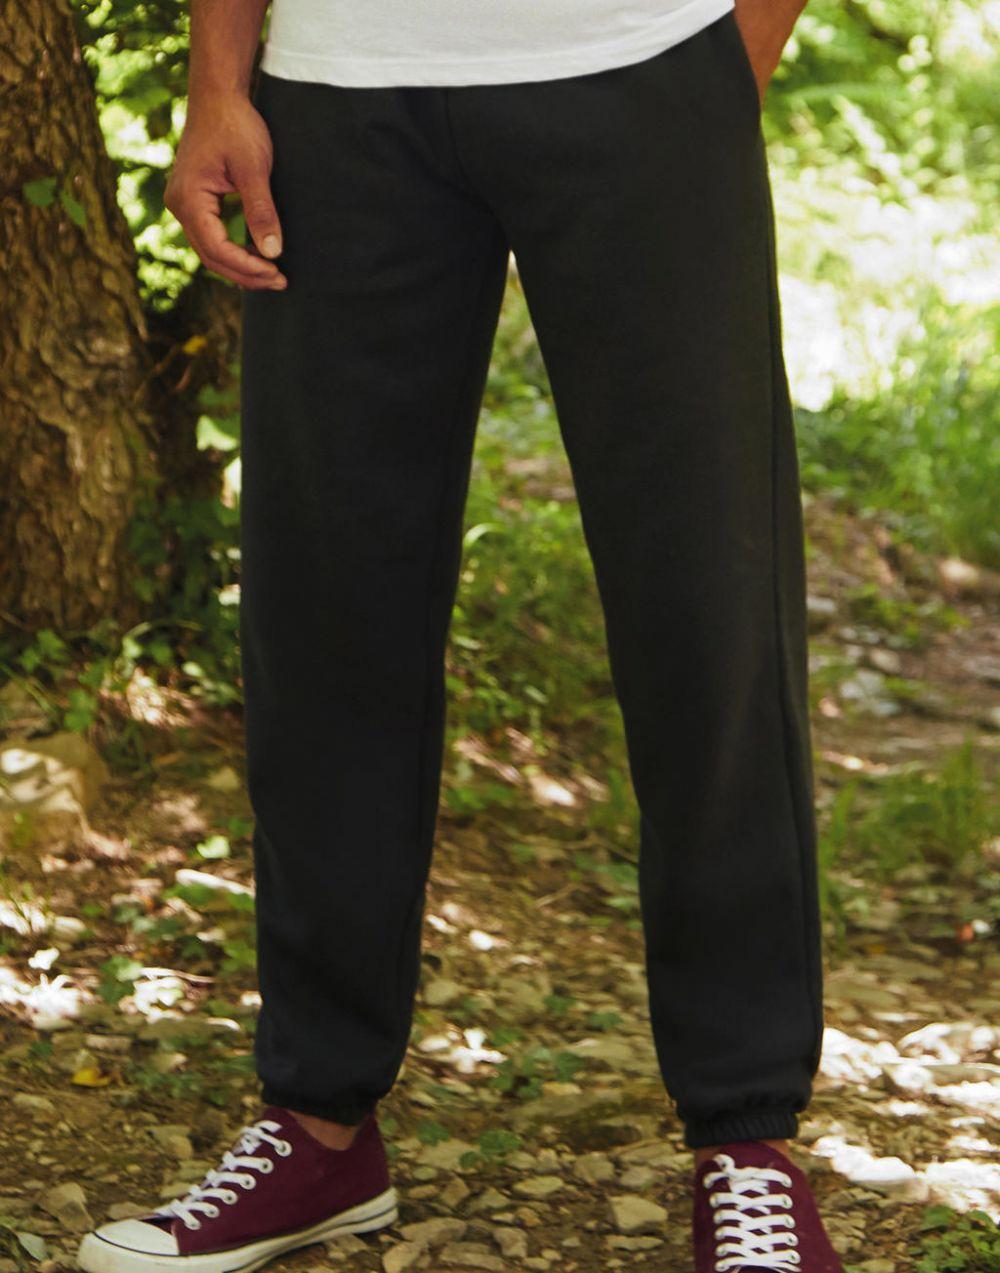 Pantalones técnicos fruit of the loom con bajo elástico imagen 1